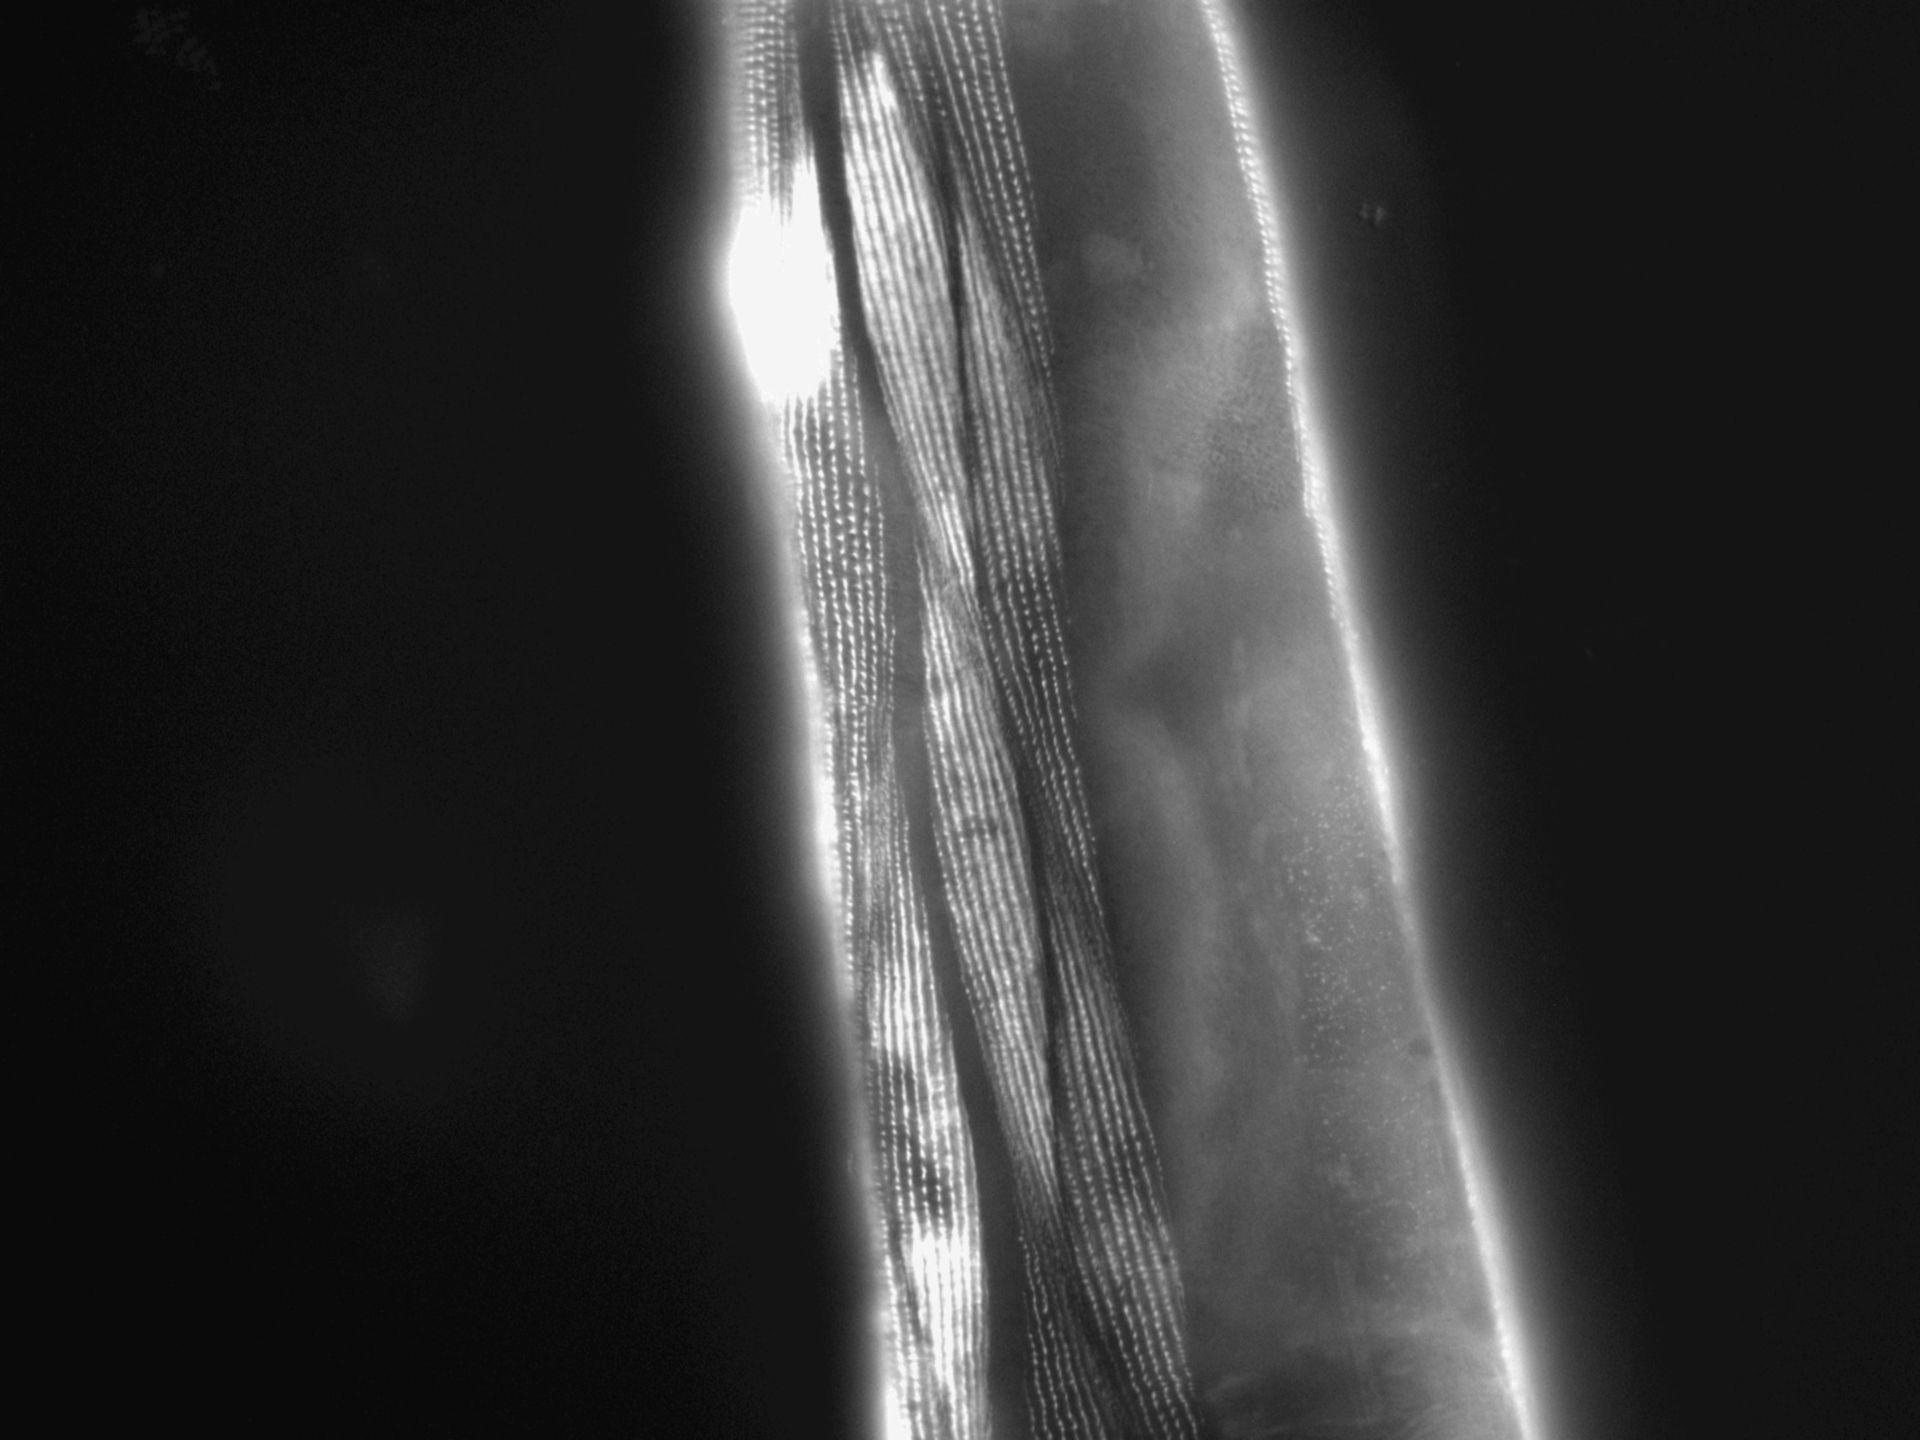 Caenorhabditis elegans (Actin filament) - CIL:1189